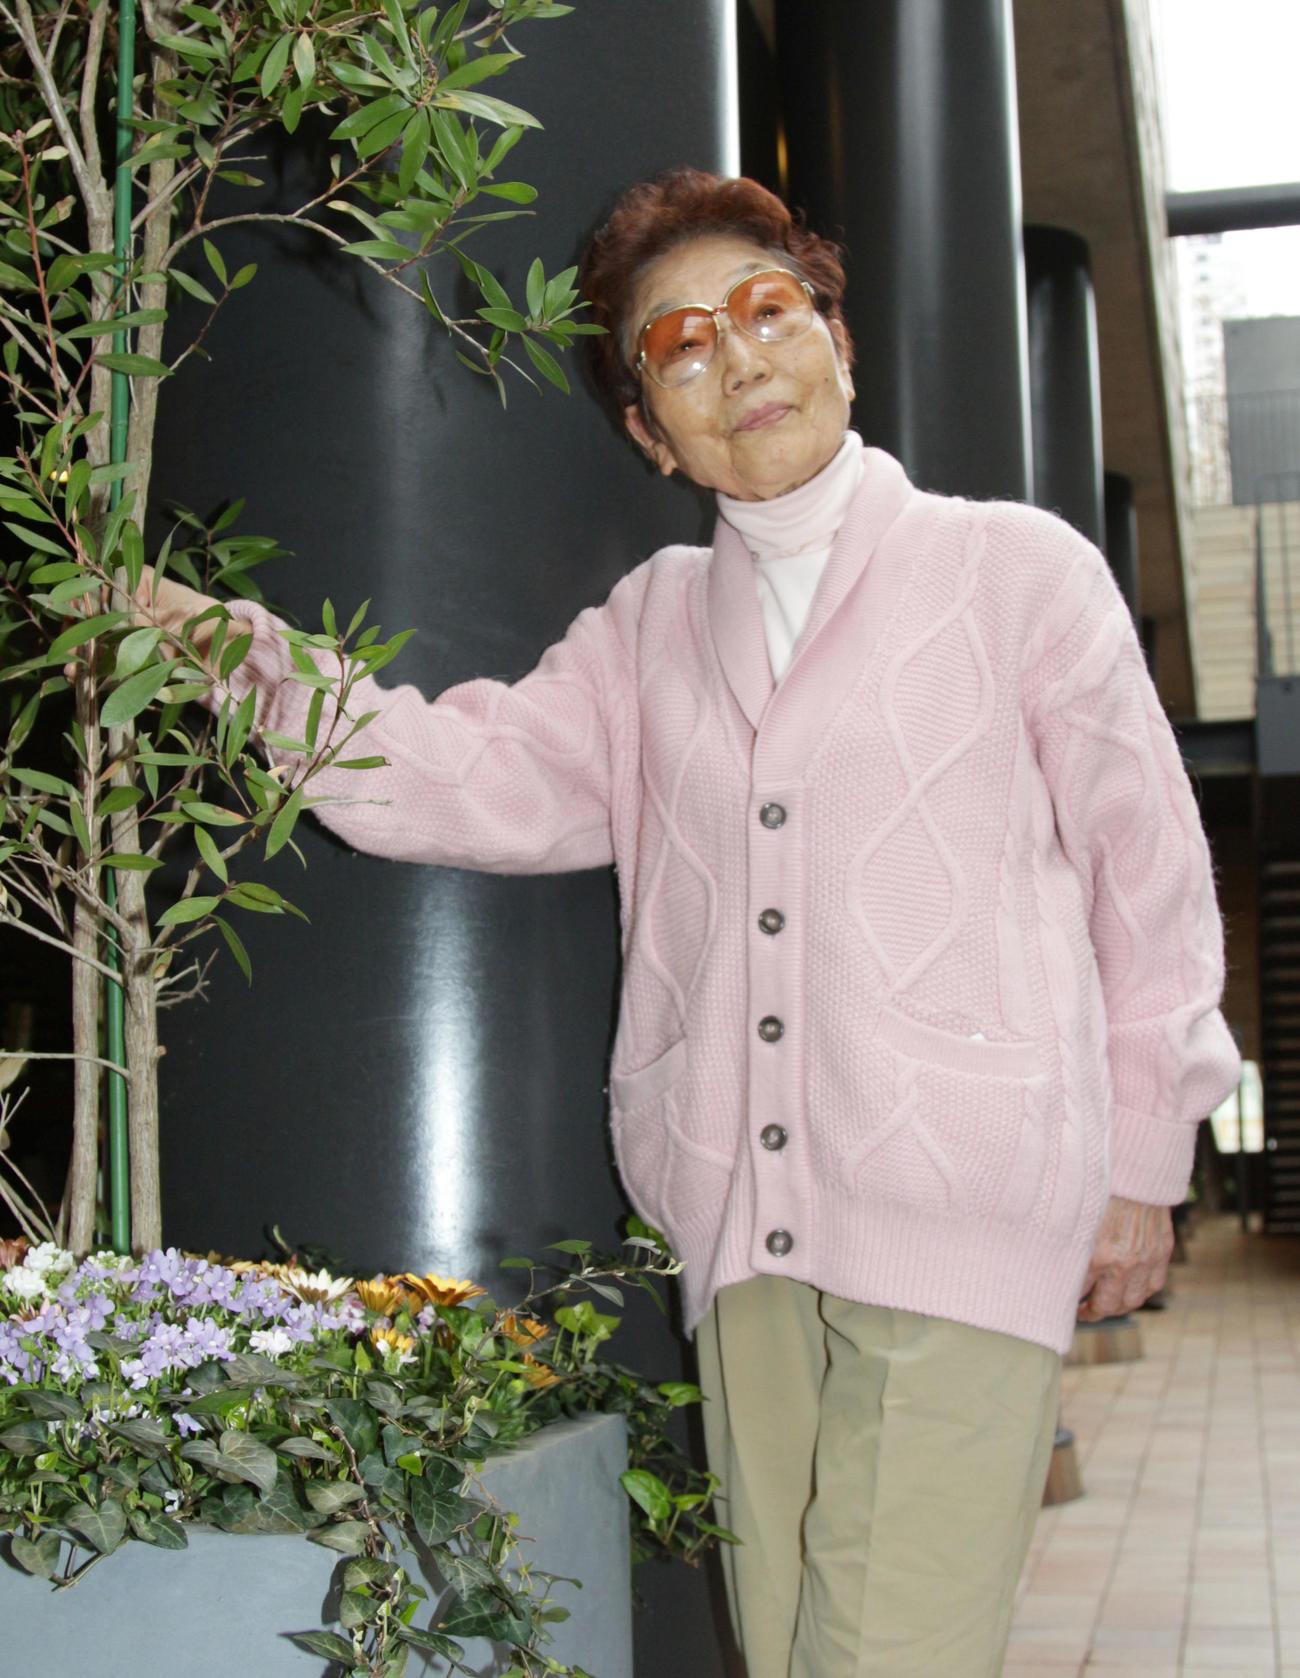 鶴岡一人氏から贈られたセーターを着る毛利康子さん